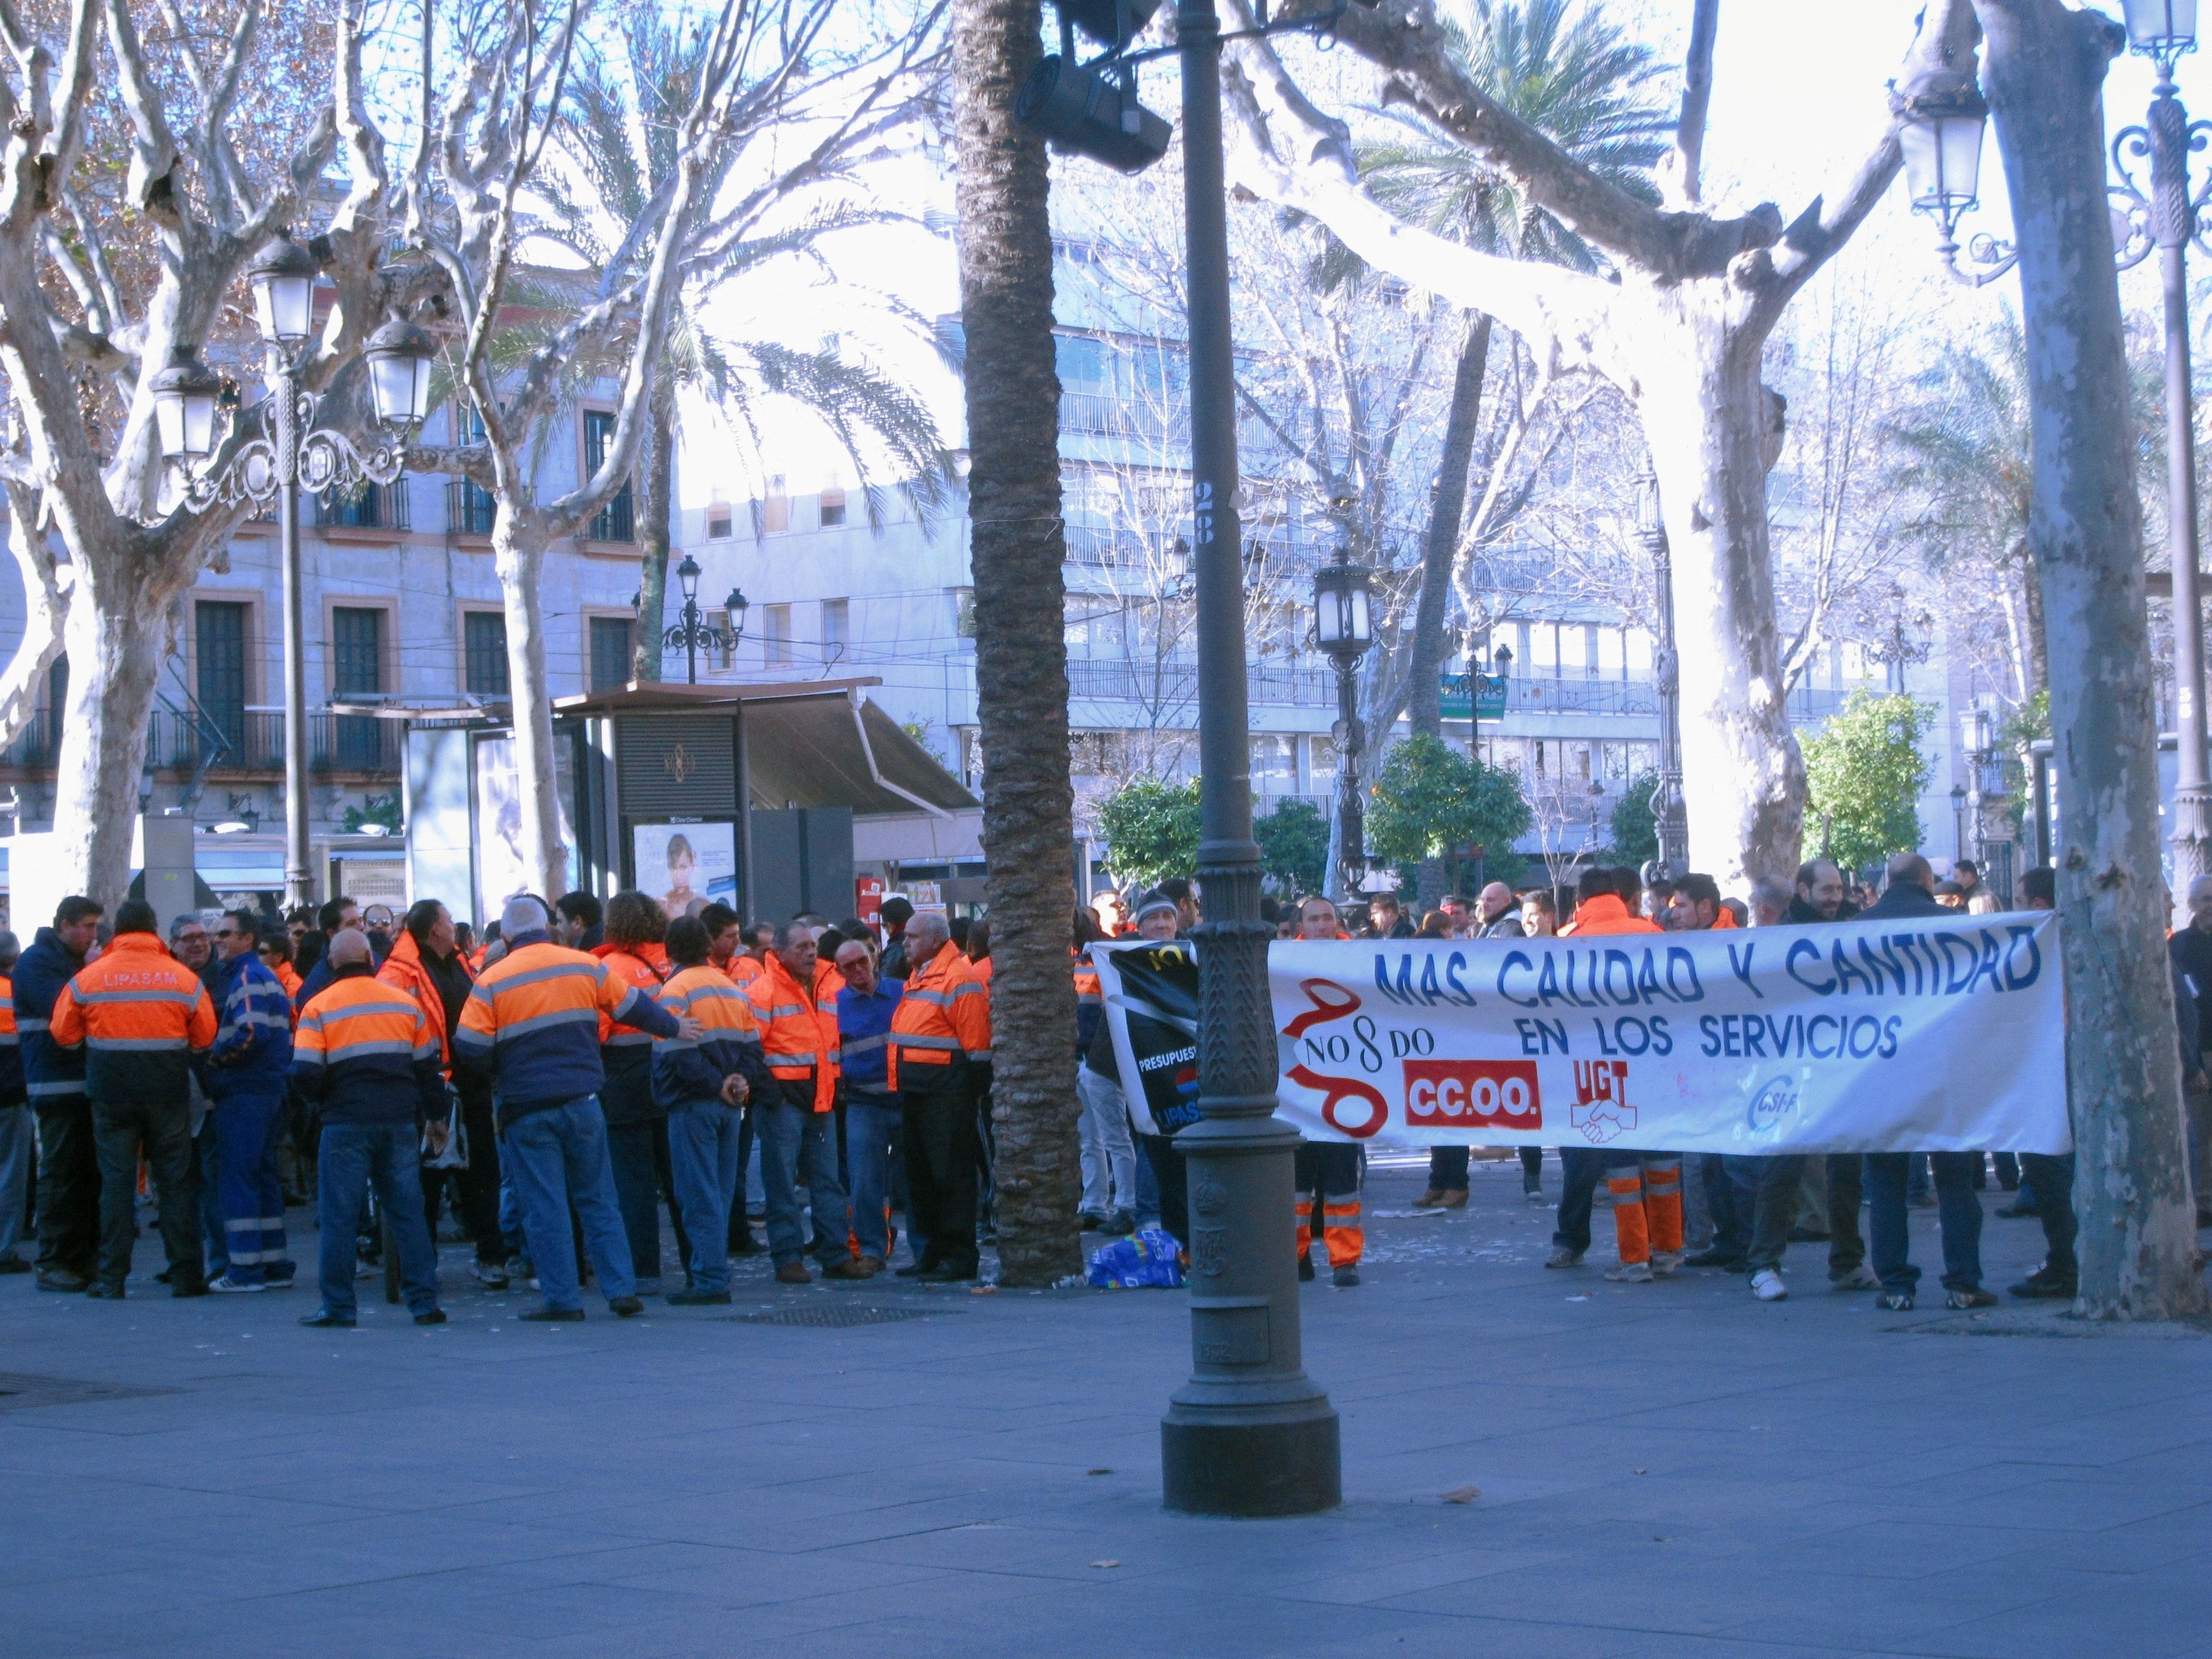 Convocados comité y directiva de Lipasam para los servicios mínimos de la huelga y protestas los días 18 y 25